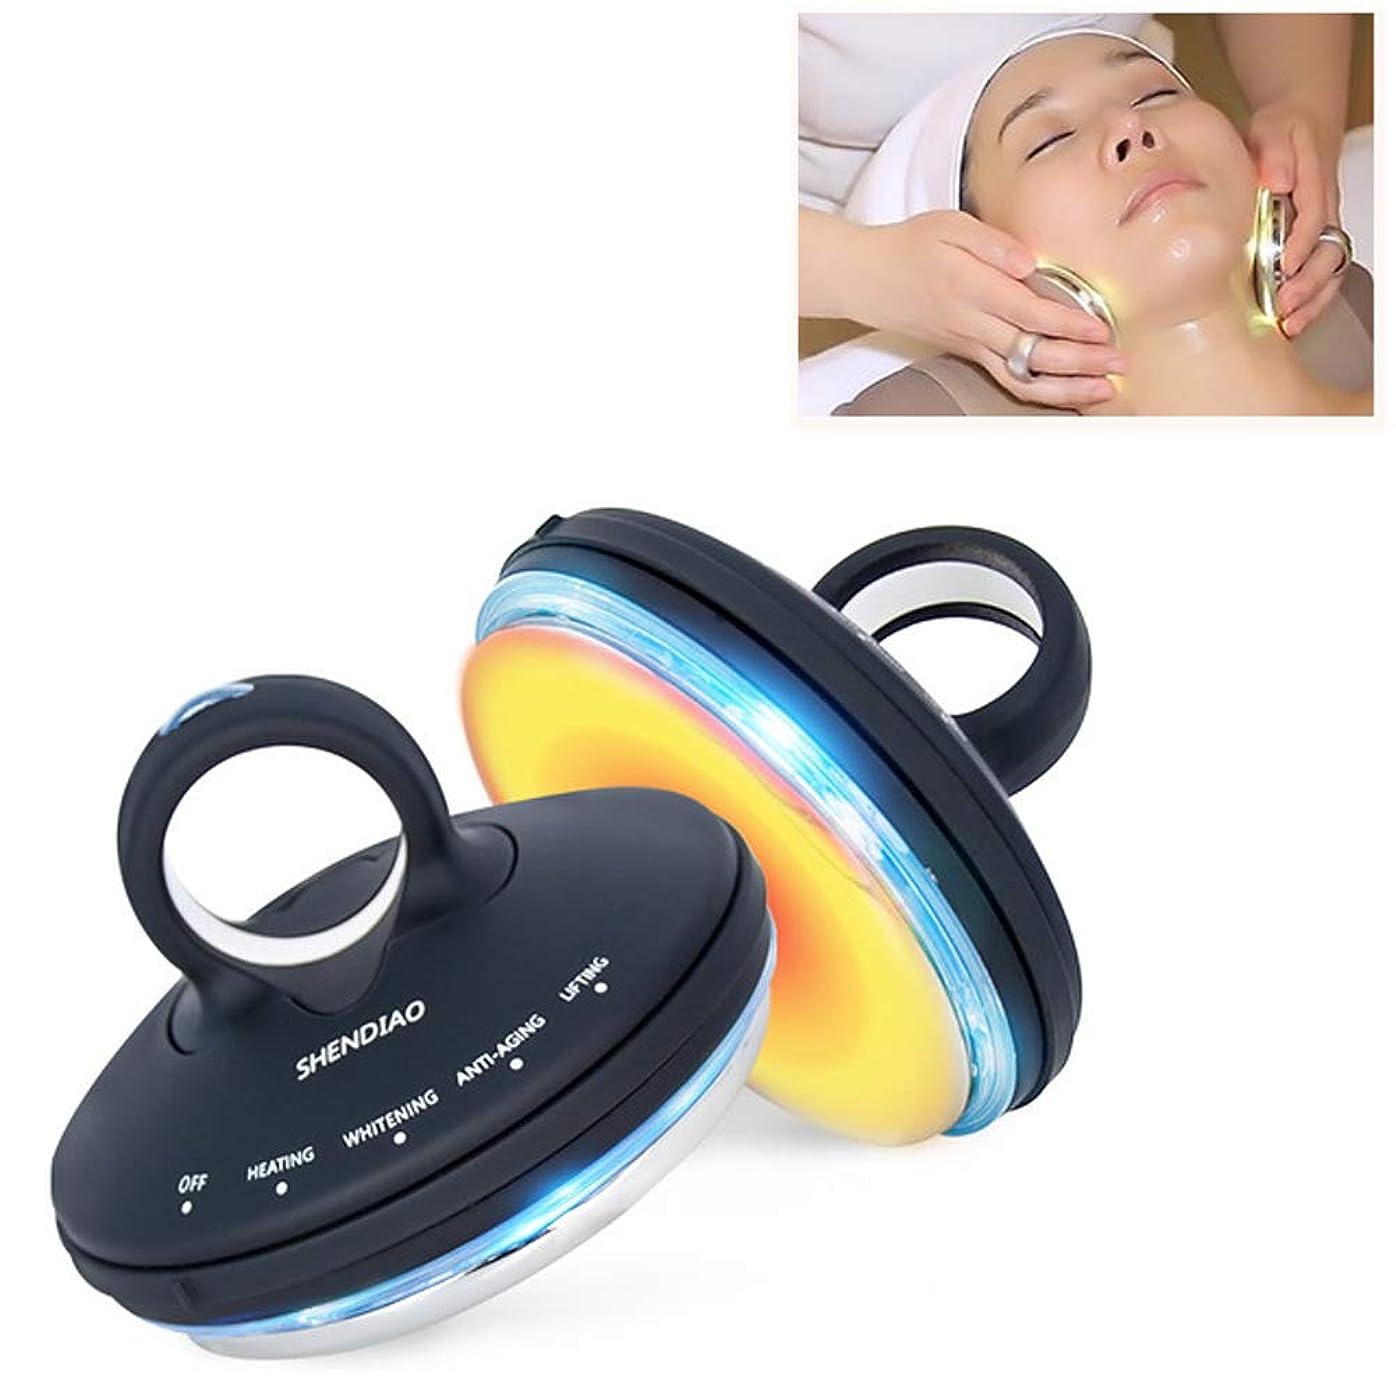 ファランクス有害な有害なフェイシャルRf美容器具、ポータブルフェイシャルマッサージディープクレンジングとリフティング引き締め肌多機能振動美容器具